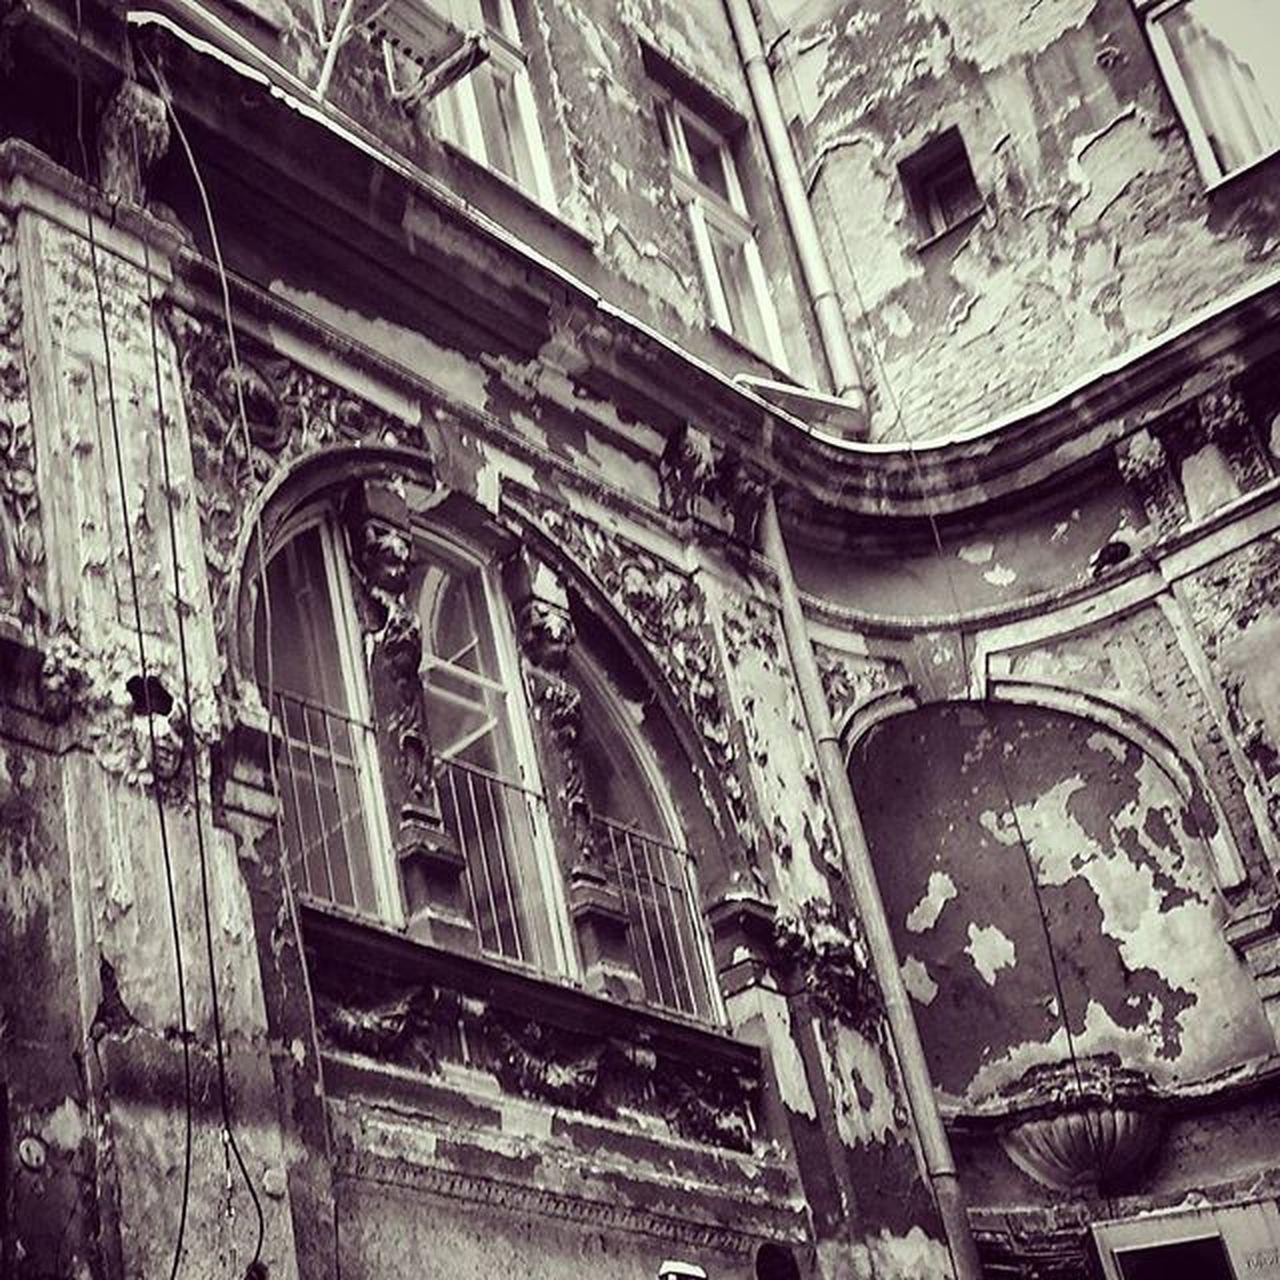 Old Building Architecture Art Ruins Centar Beograd Srbija Street Beautiful Instagramsrbija Instalike Tagsforlikes Amateur Photographer Picoftheday Instagram Usracuse